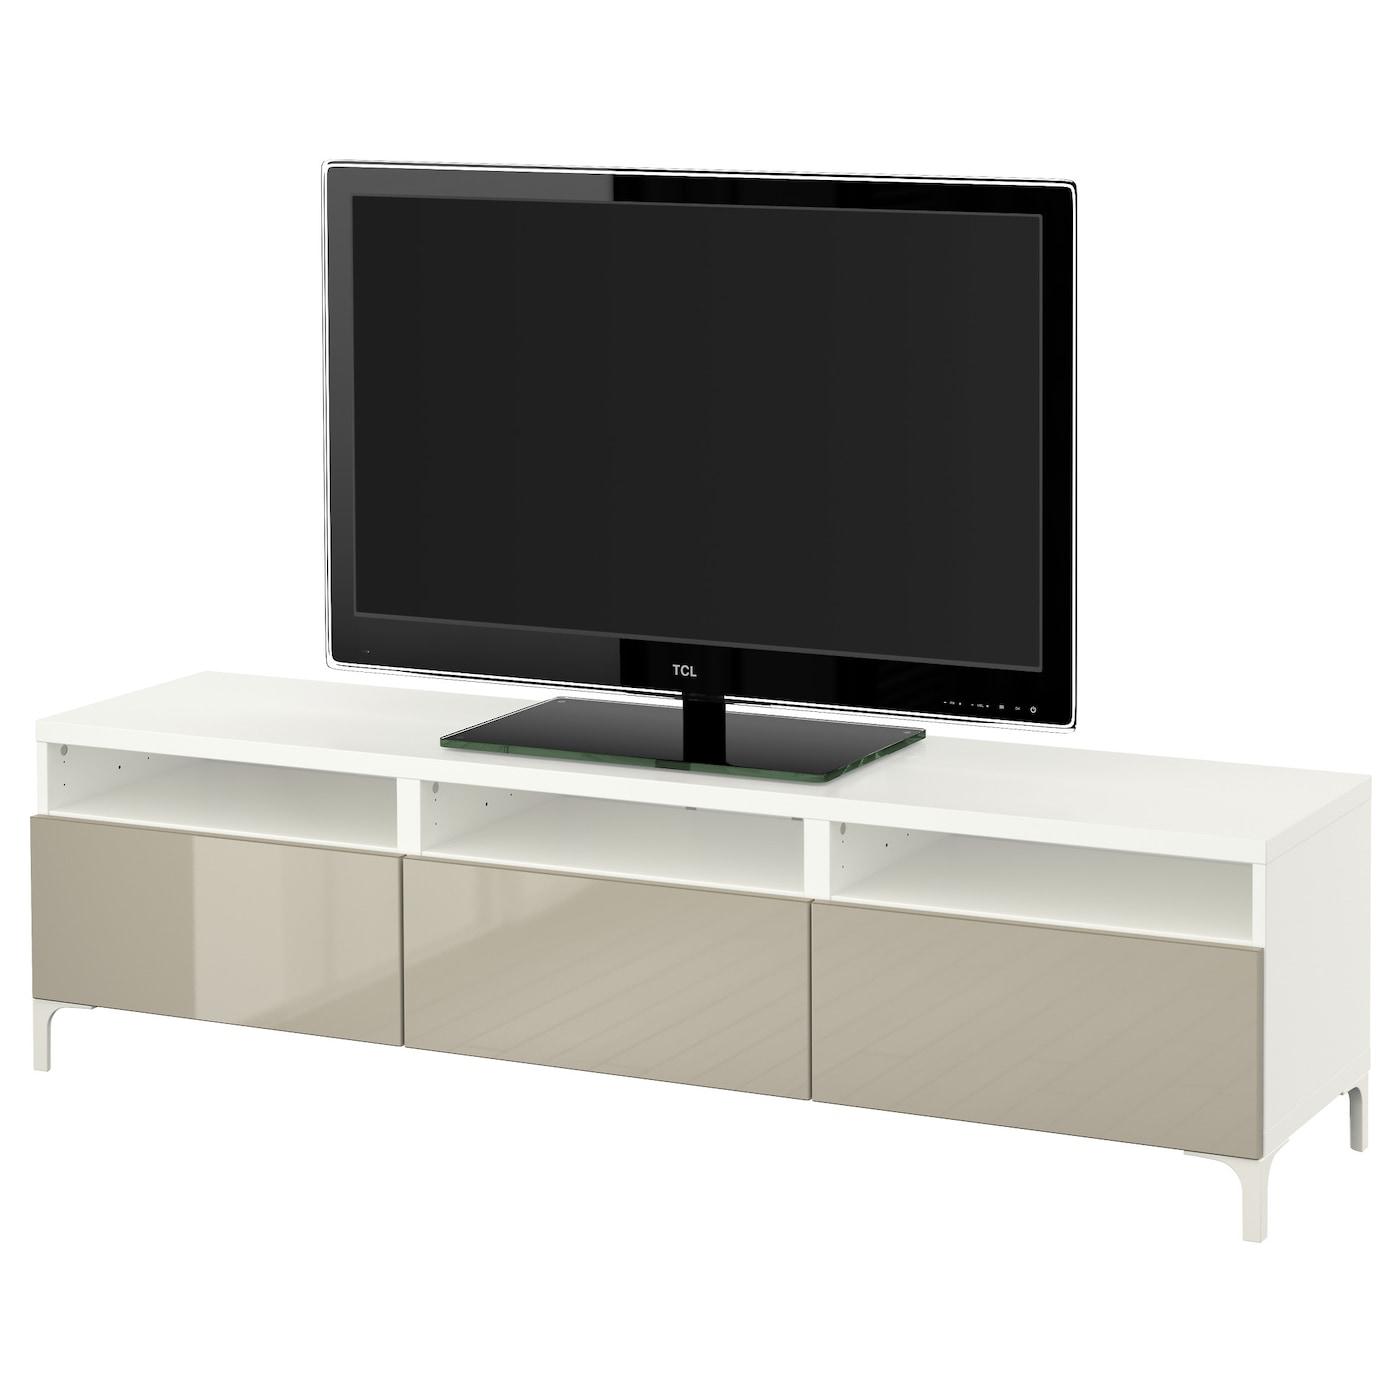 Best Banc Tv Avec Tiroirs Blanc Selsviken Brillant Beige  # Meuble Tv Avec Rangement Ikea